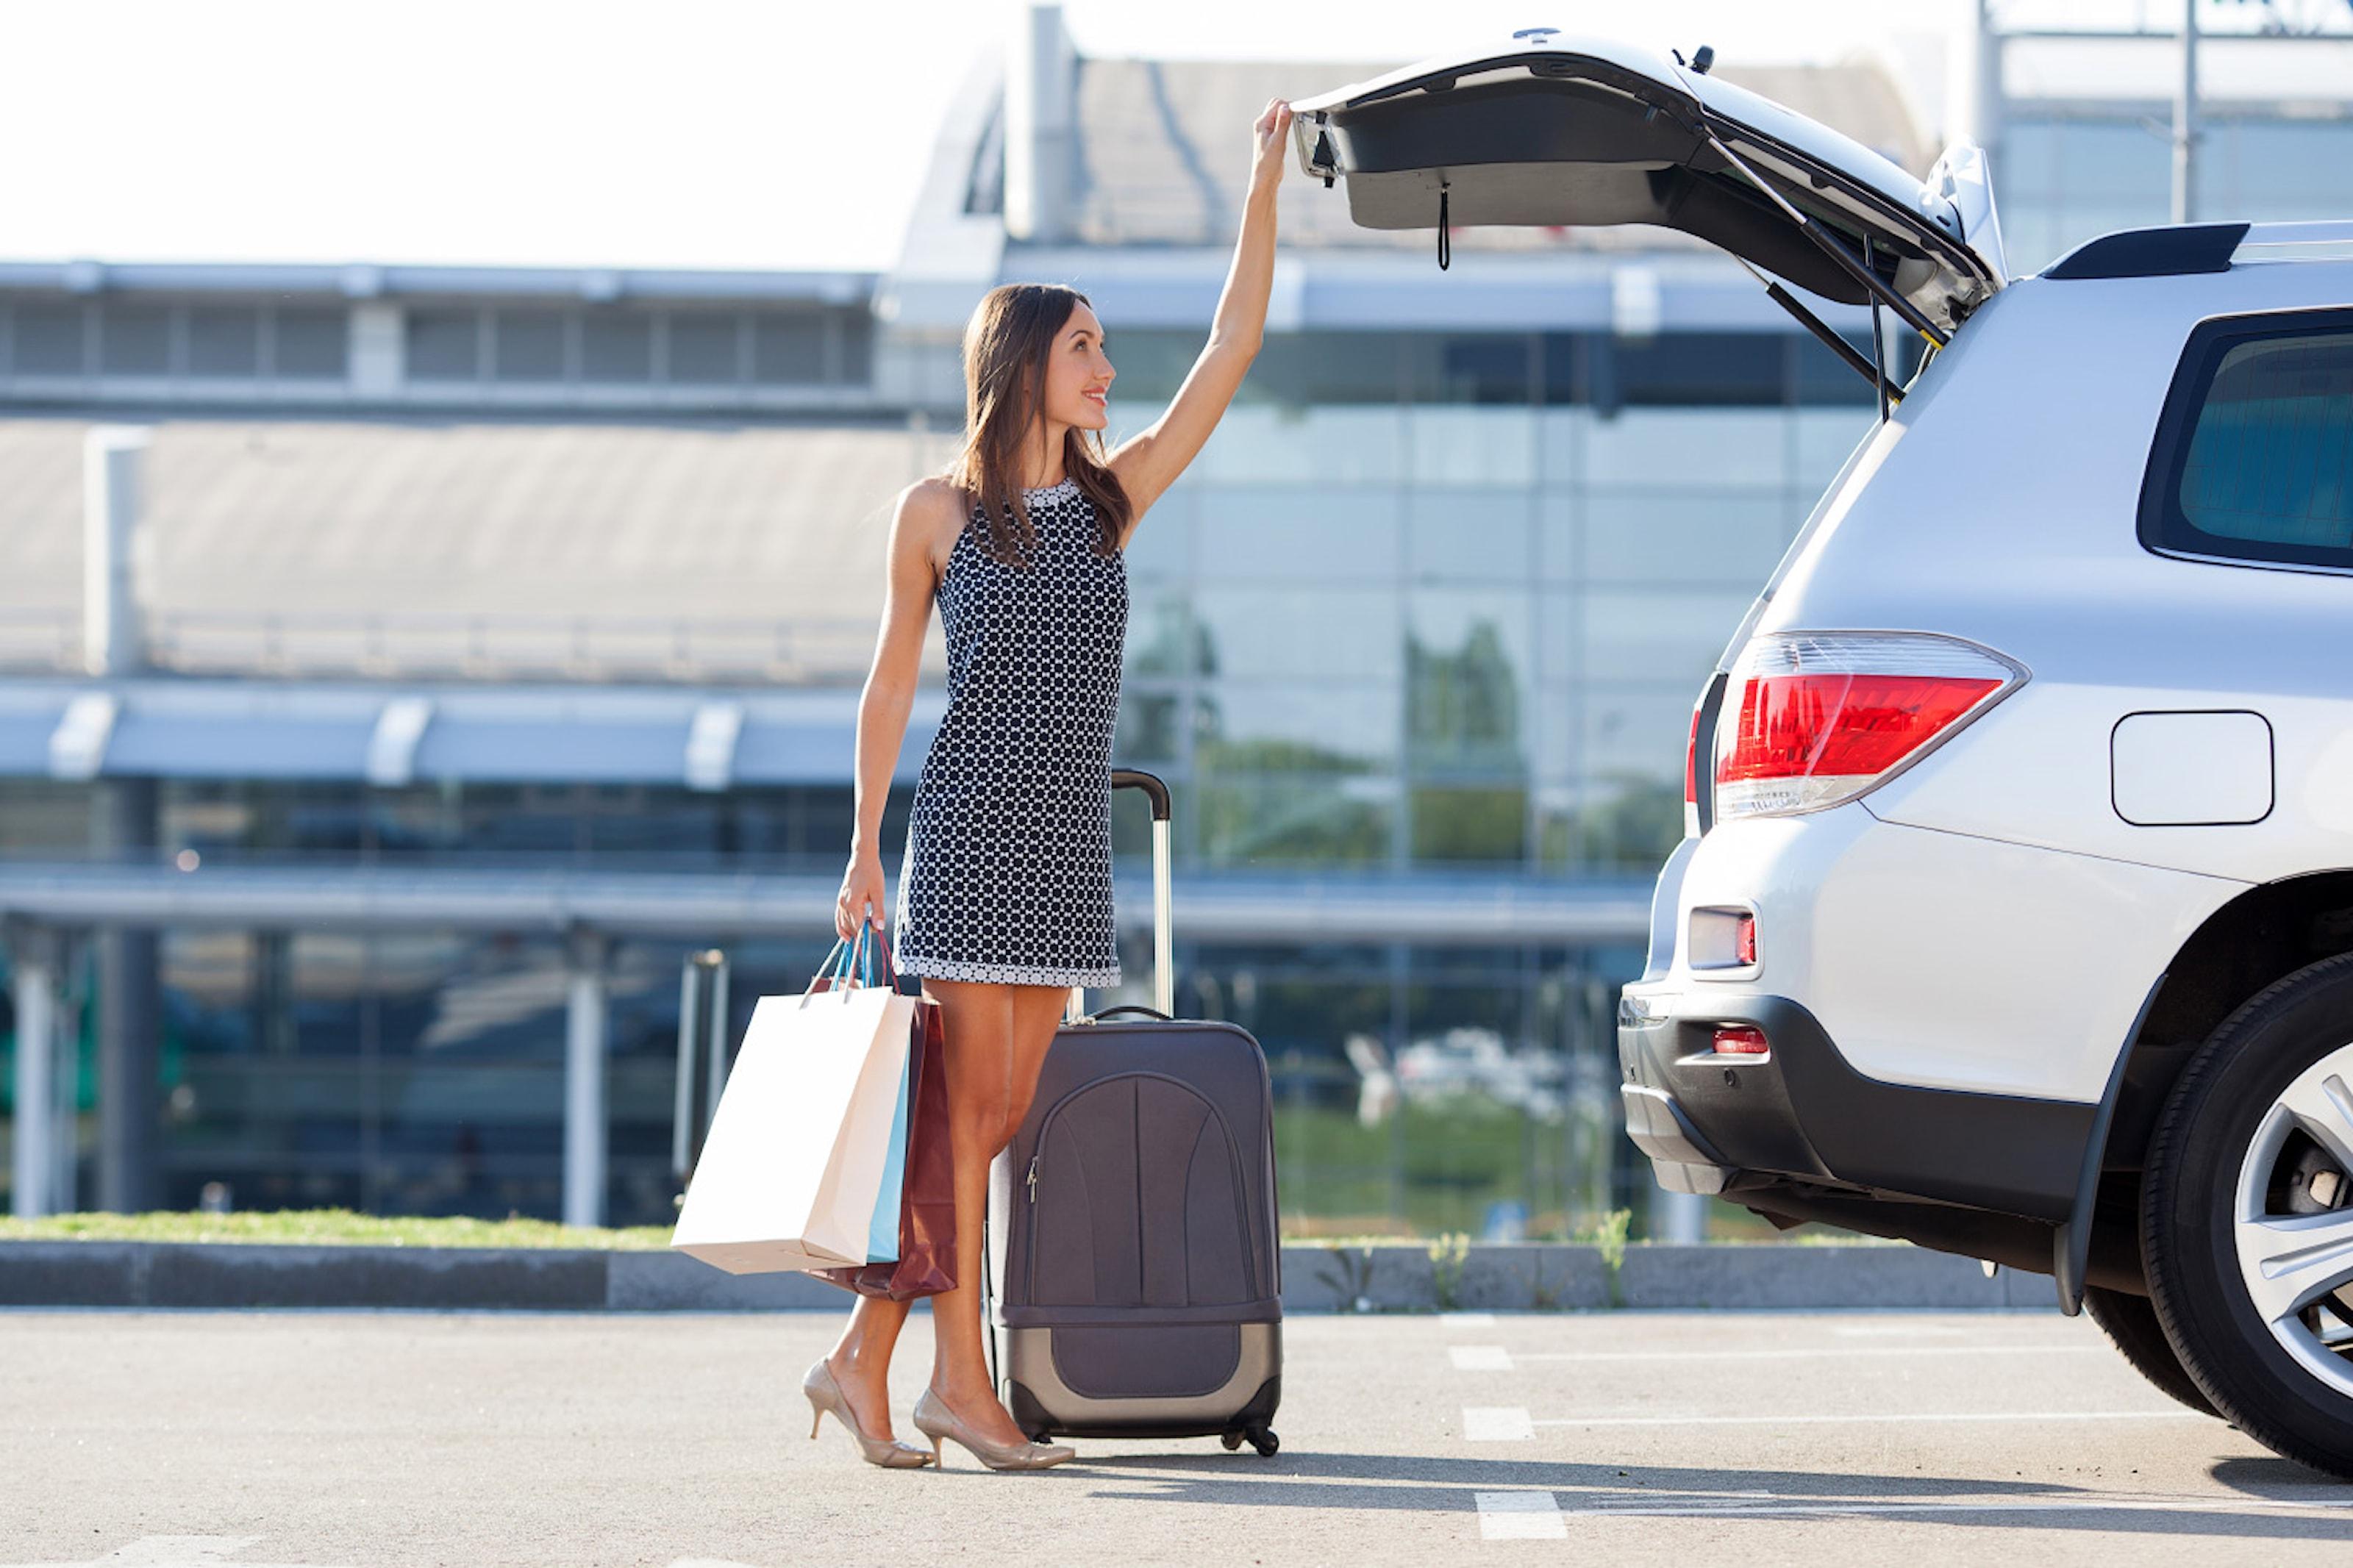 Inomhusparkering inkl. bilspa på Landvetter airport